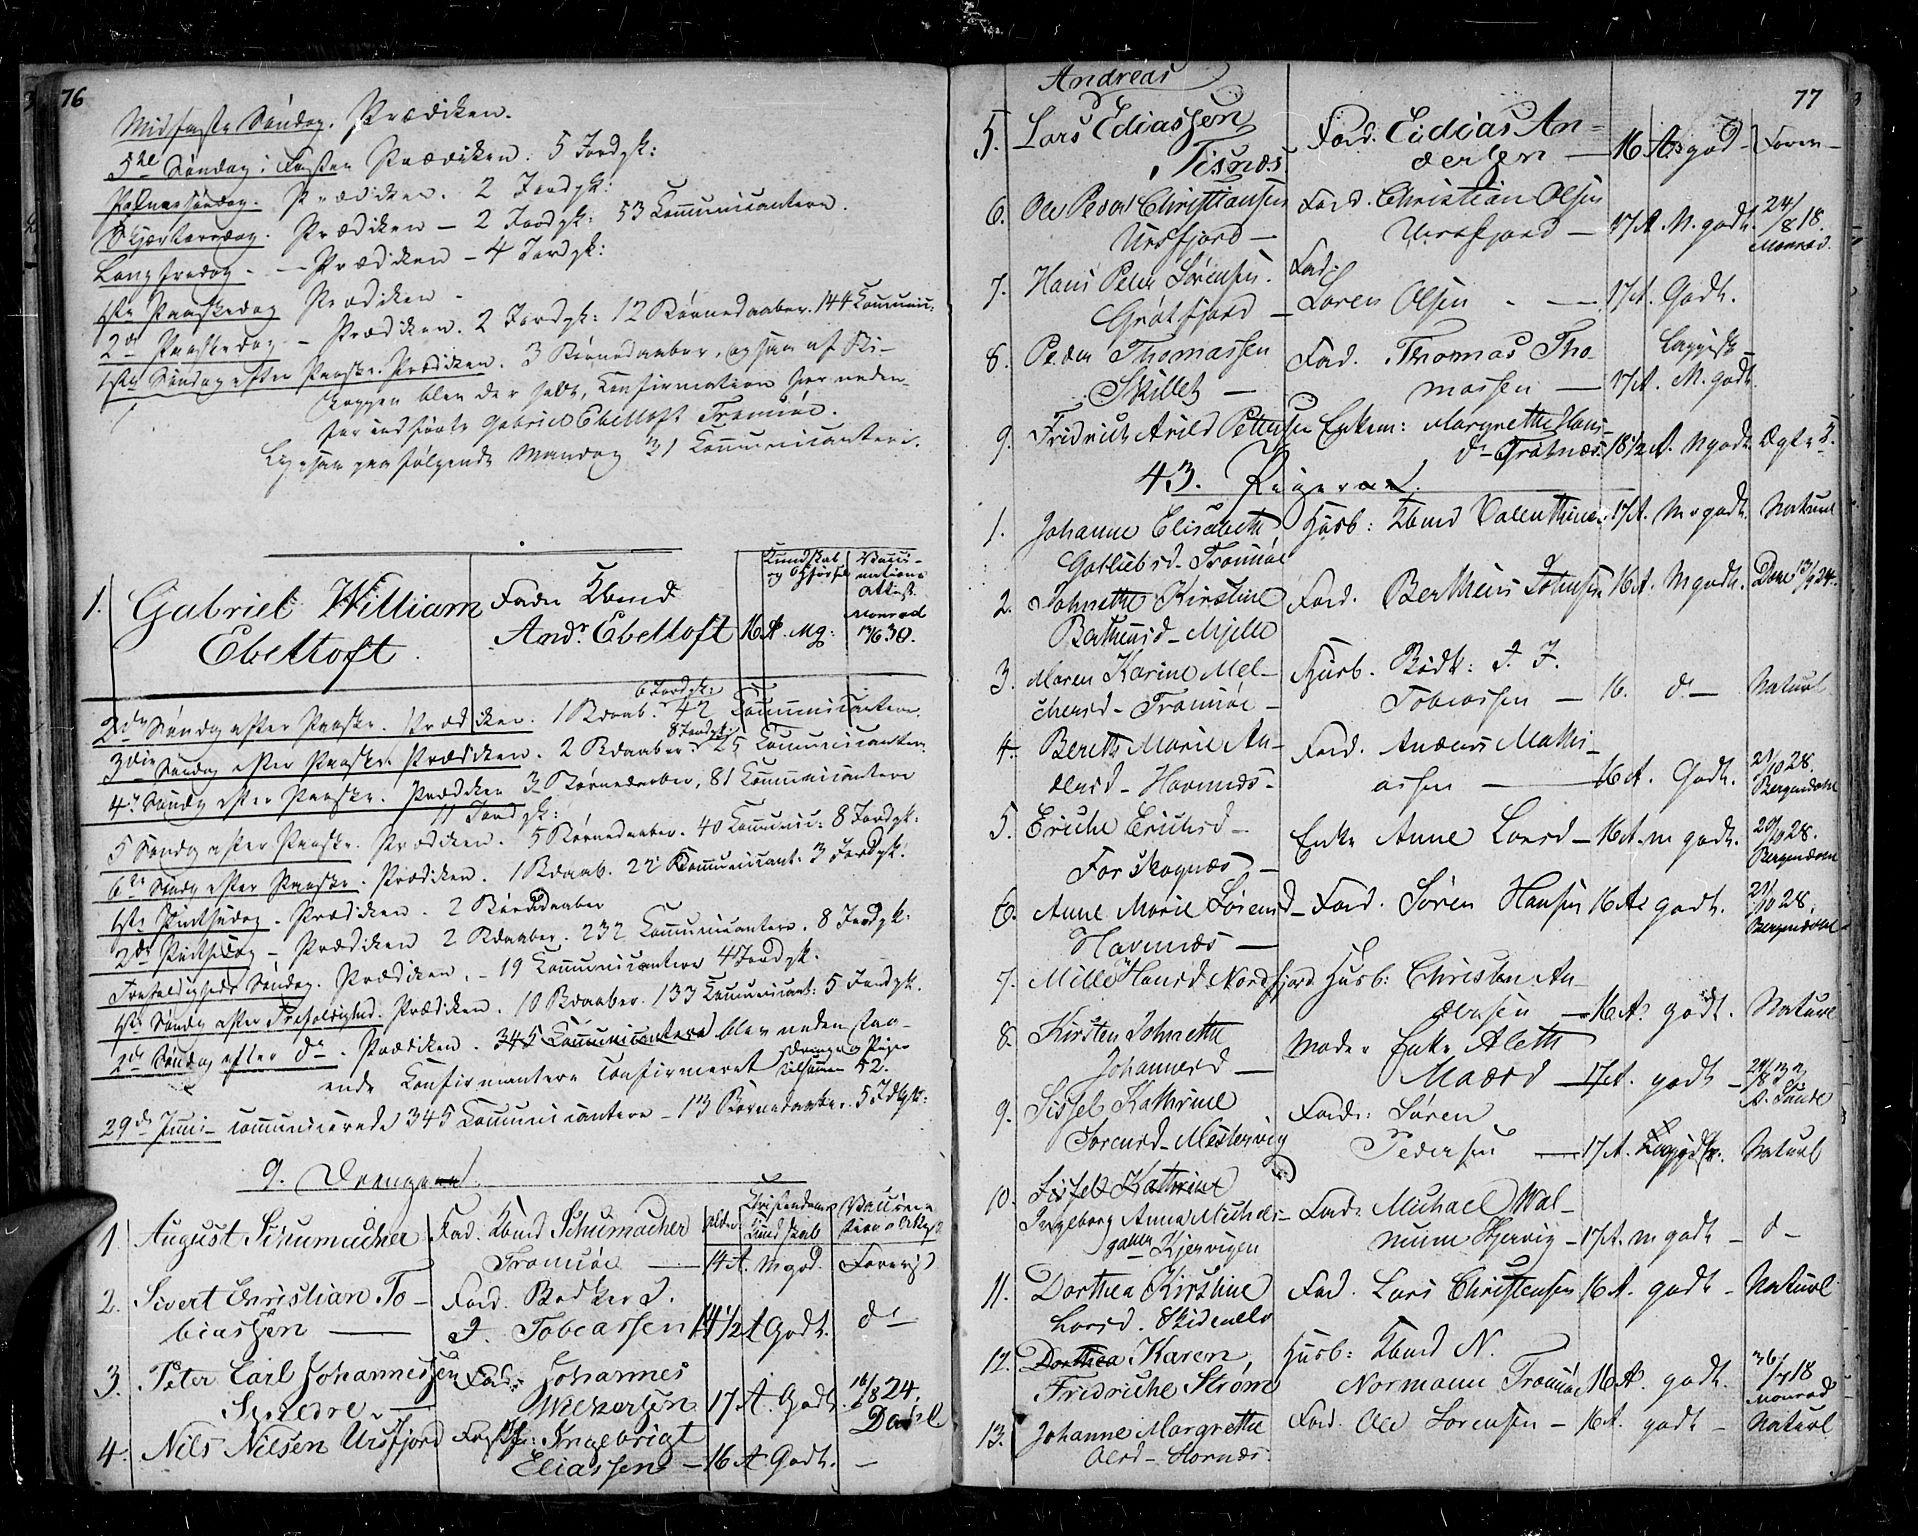 SATØ, Tromsø sokneprestkontor/stiftsprosti/domprosti, G/Ga/L0008kirke: Ministerialbok nr. 8, 1829-1837, s. 76-77